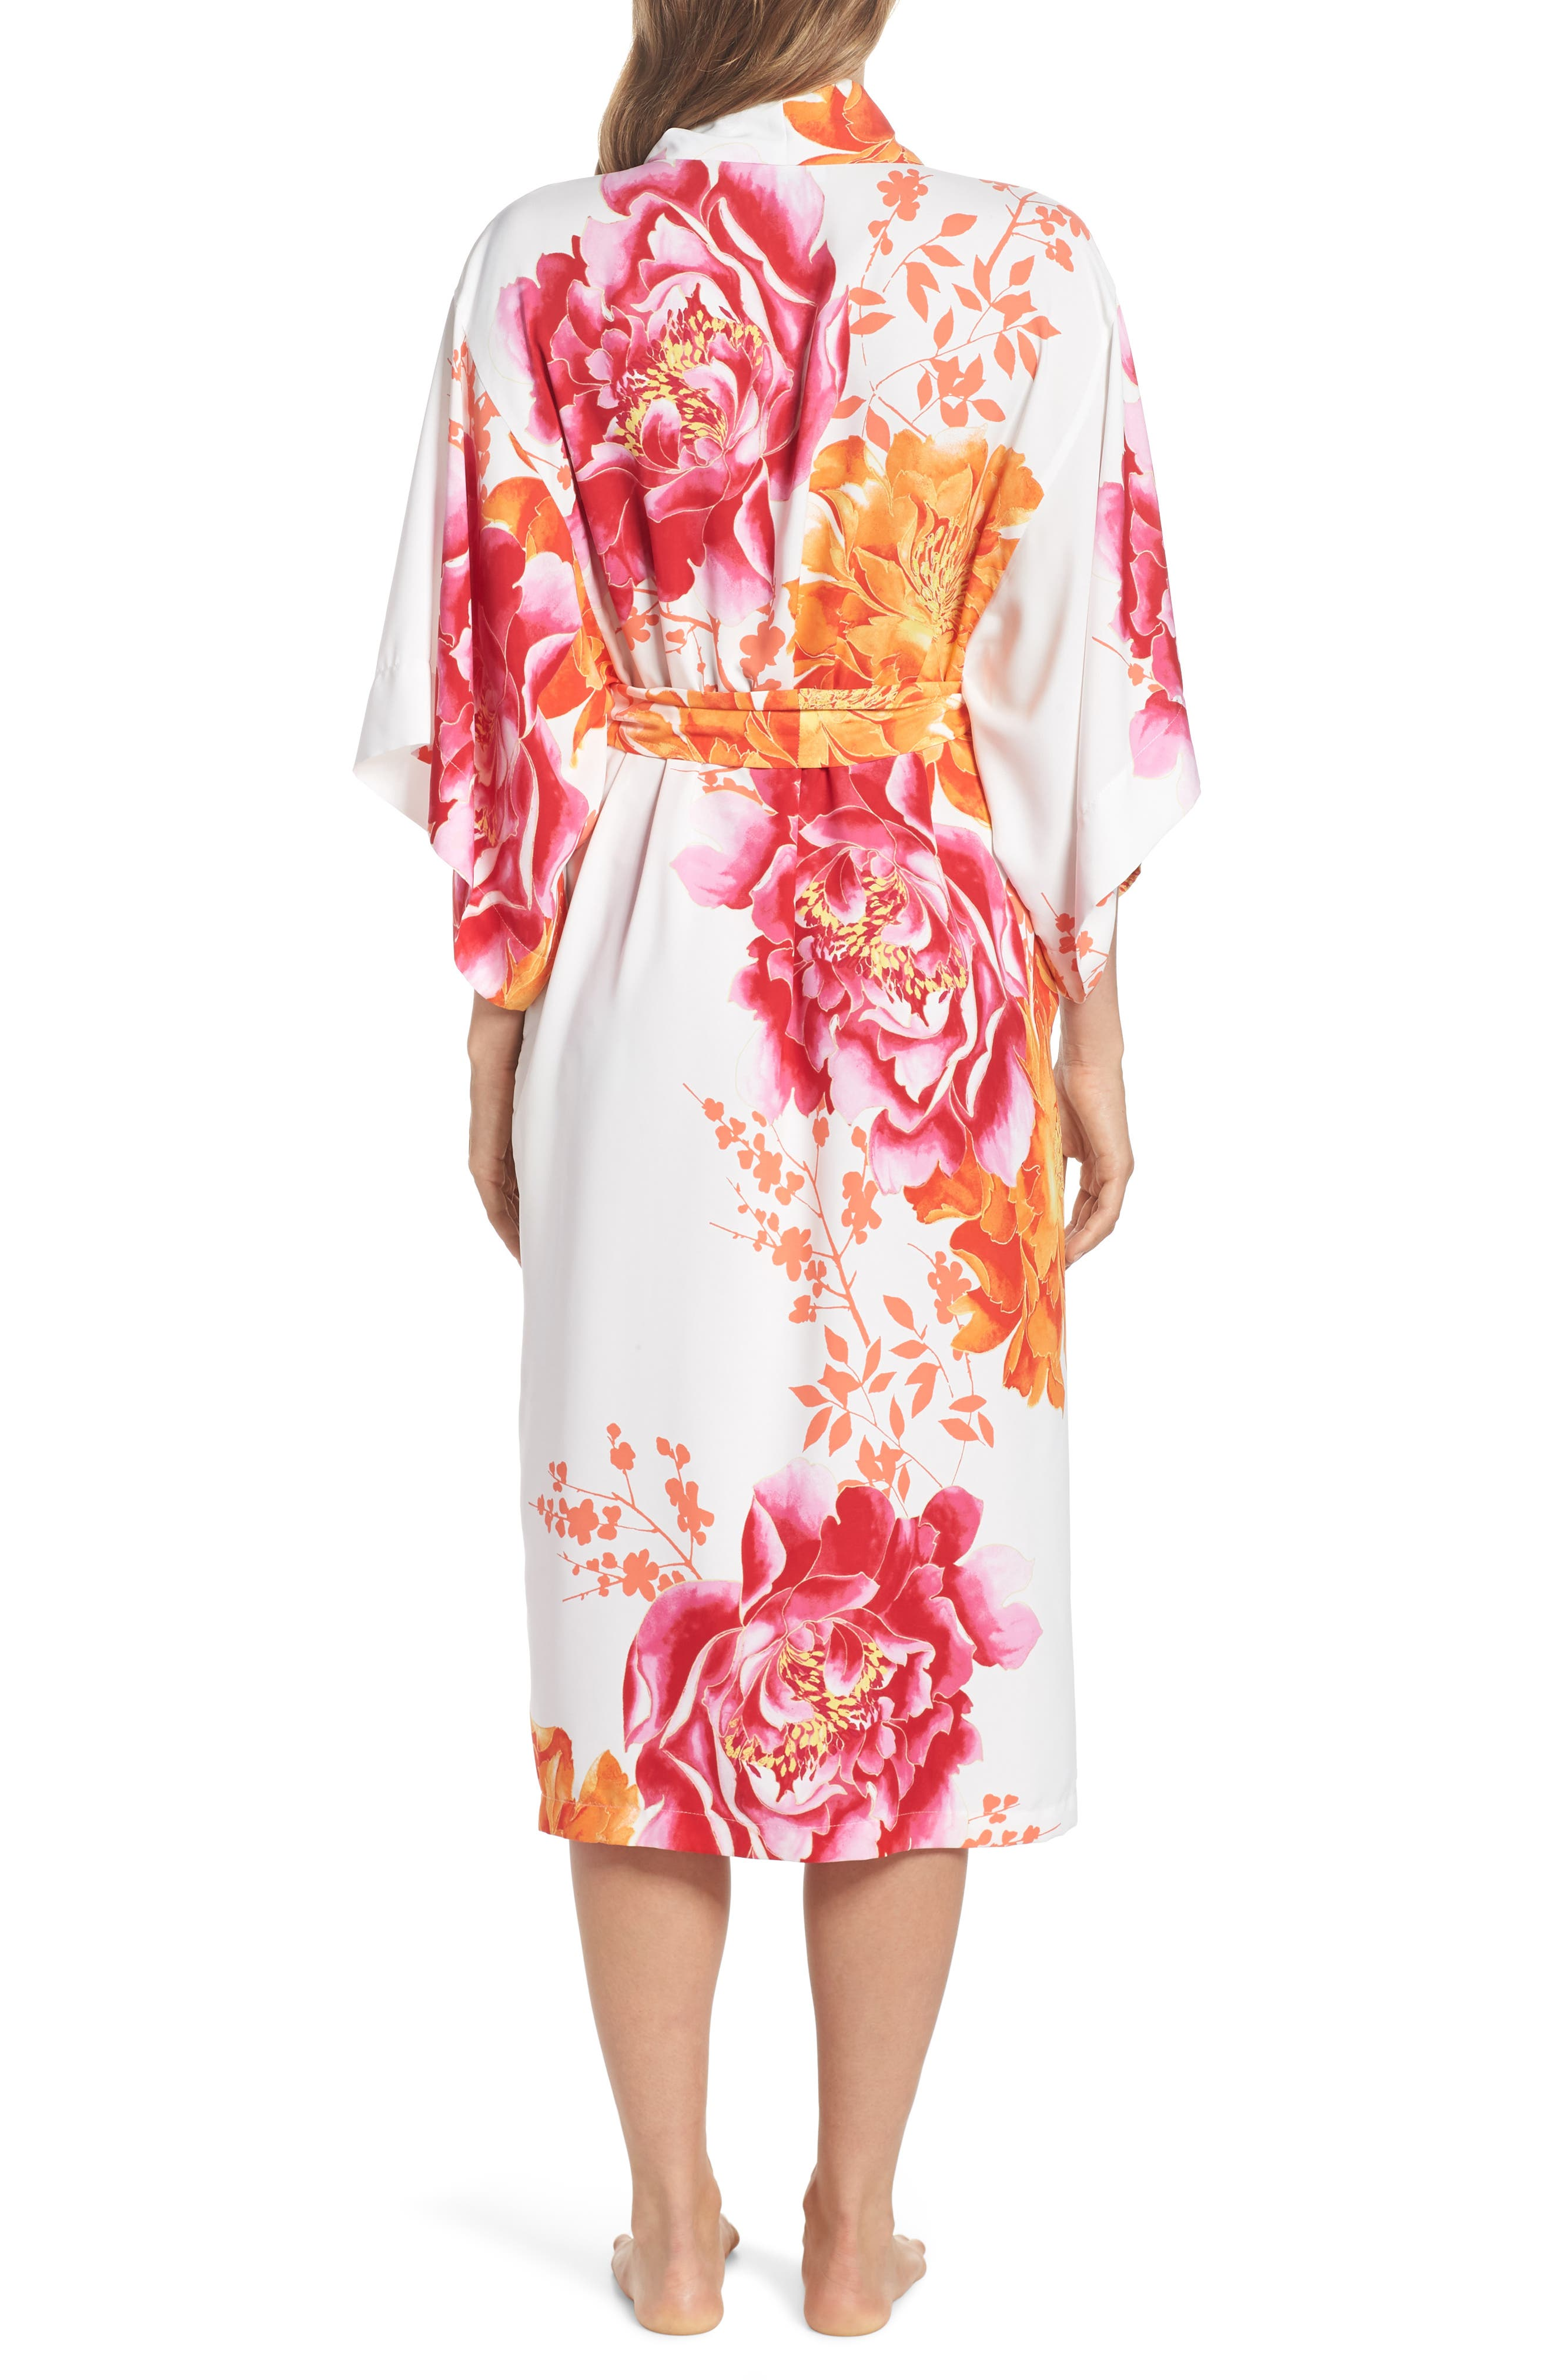 Bali Floral Print Robe,                             Alternate thumbnail 2, color,                             Warm White